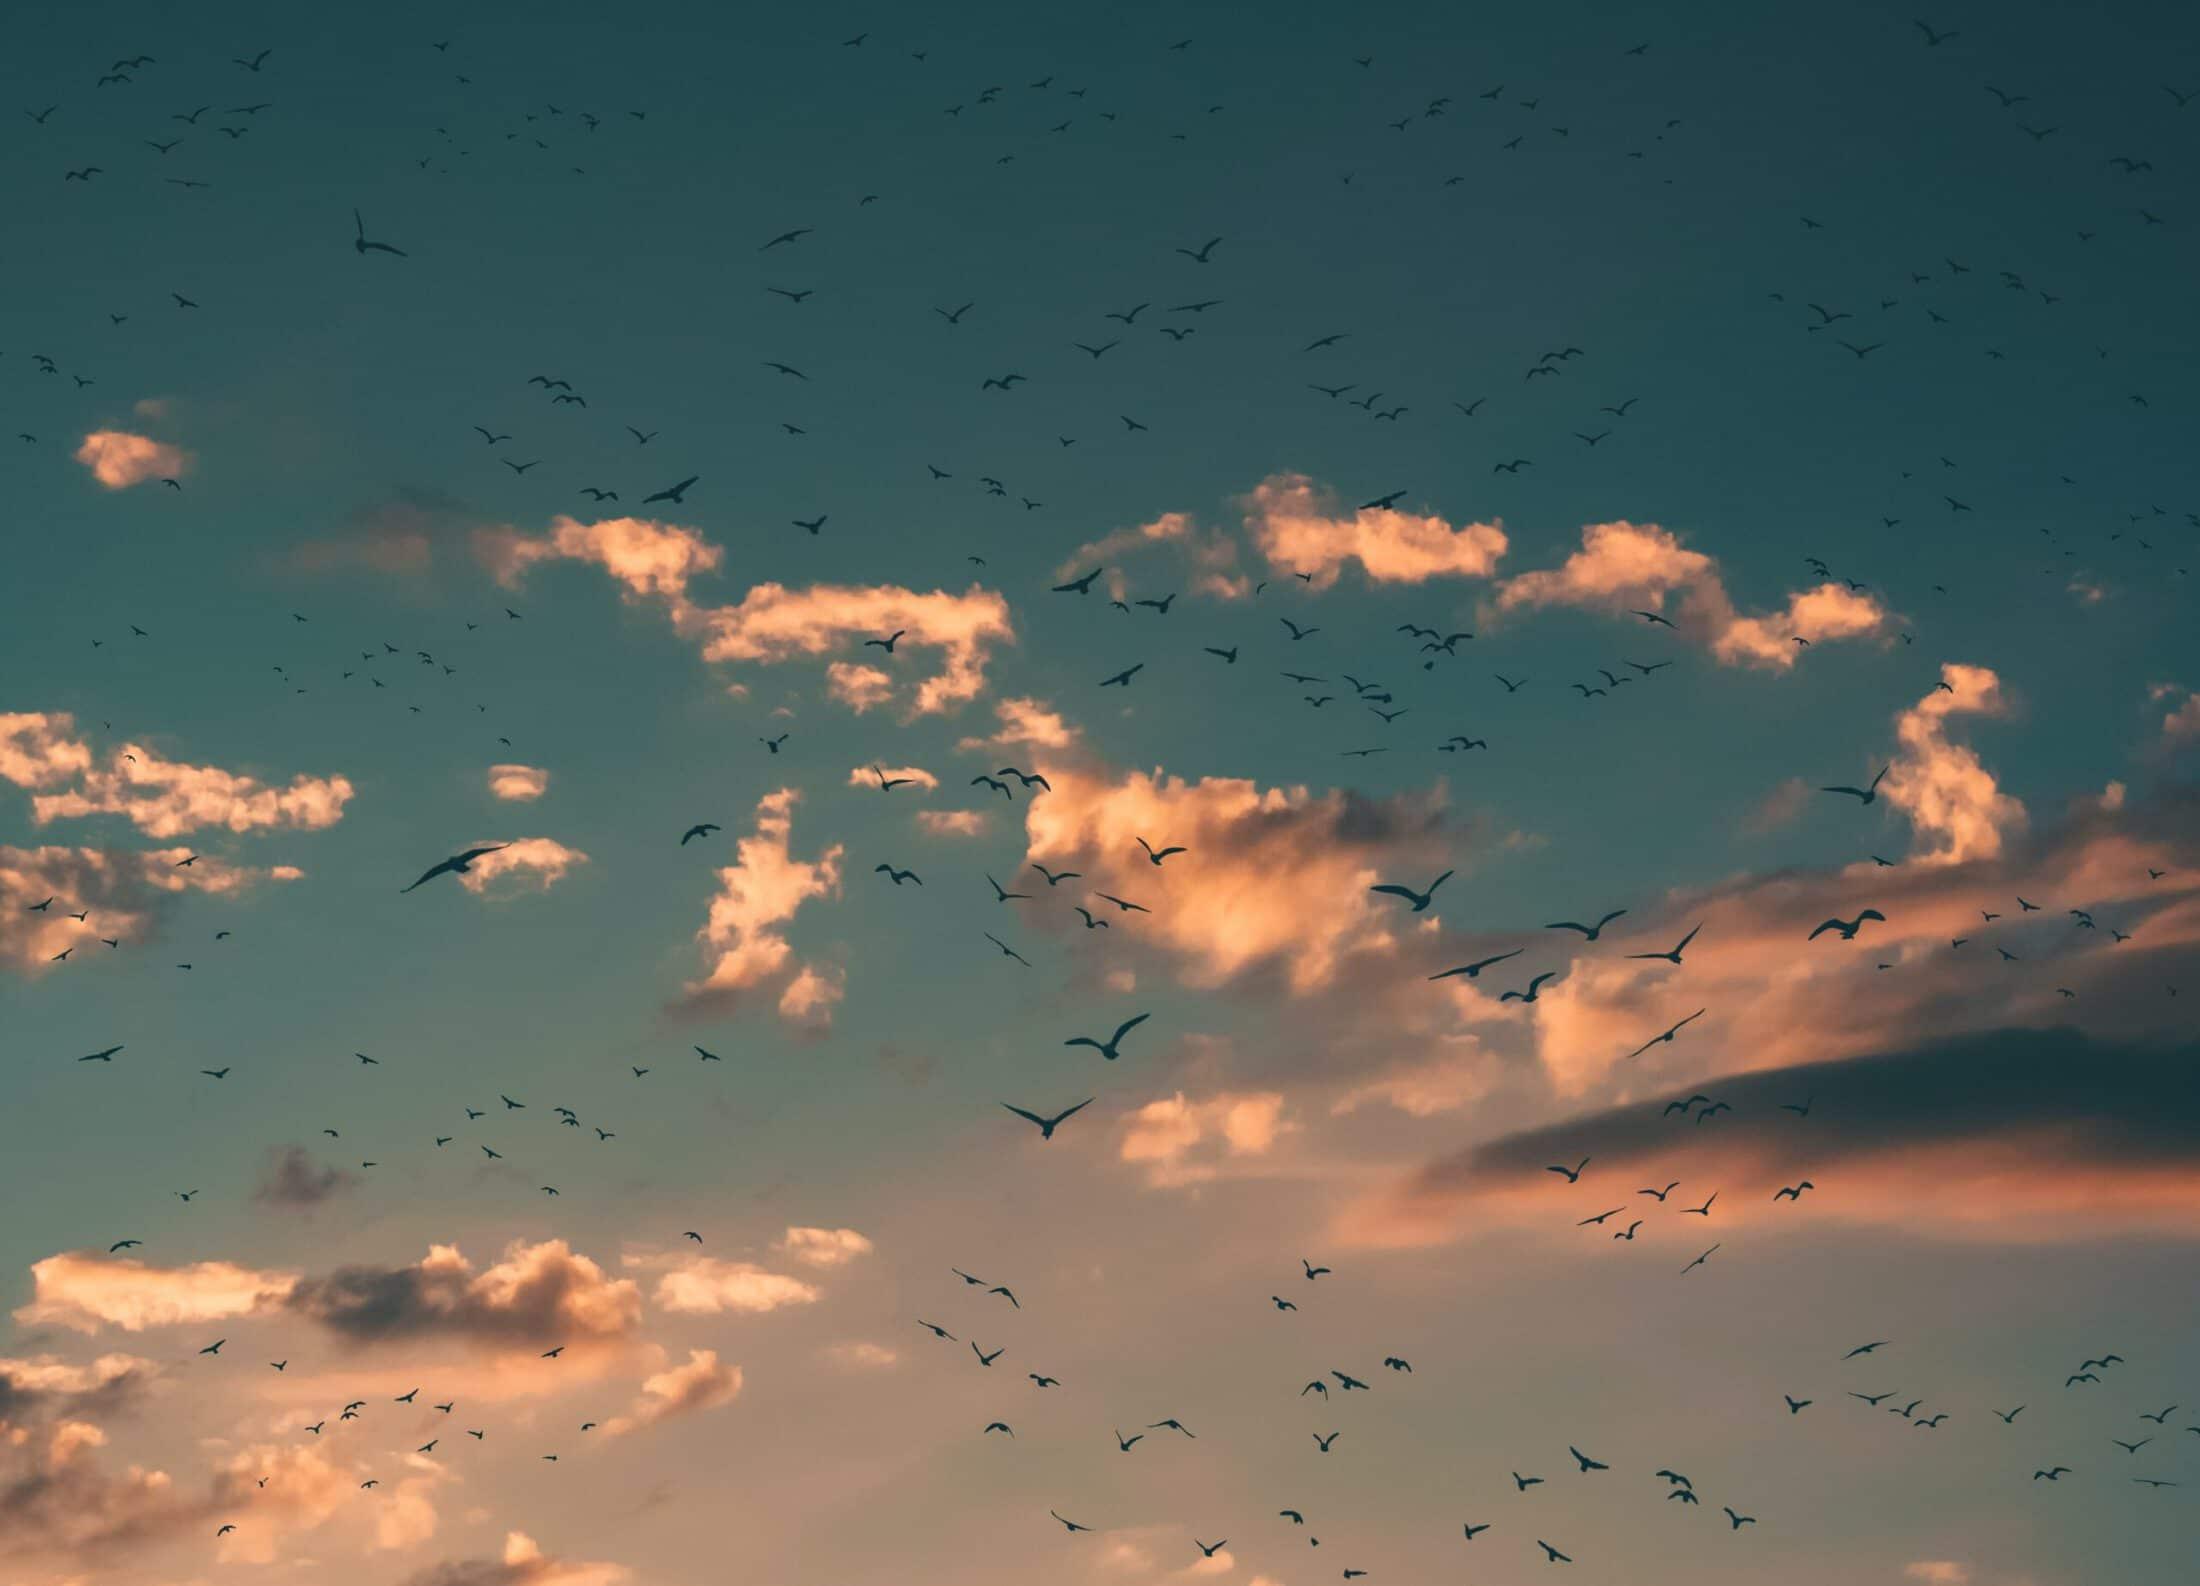 Bild von Abendhimmel in dem viele Vögel fliegen. Warum wir aufhören sollten, für andere Menschen zu denken.